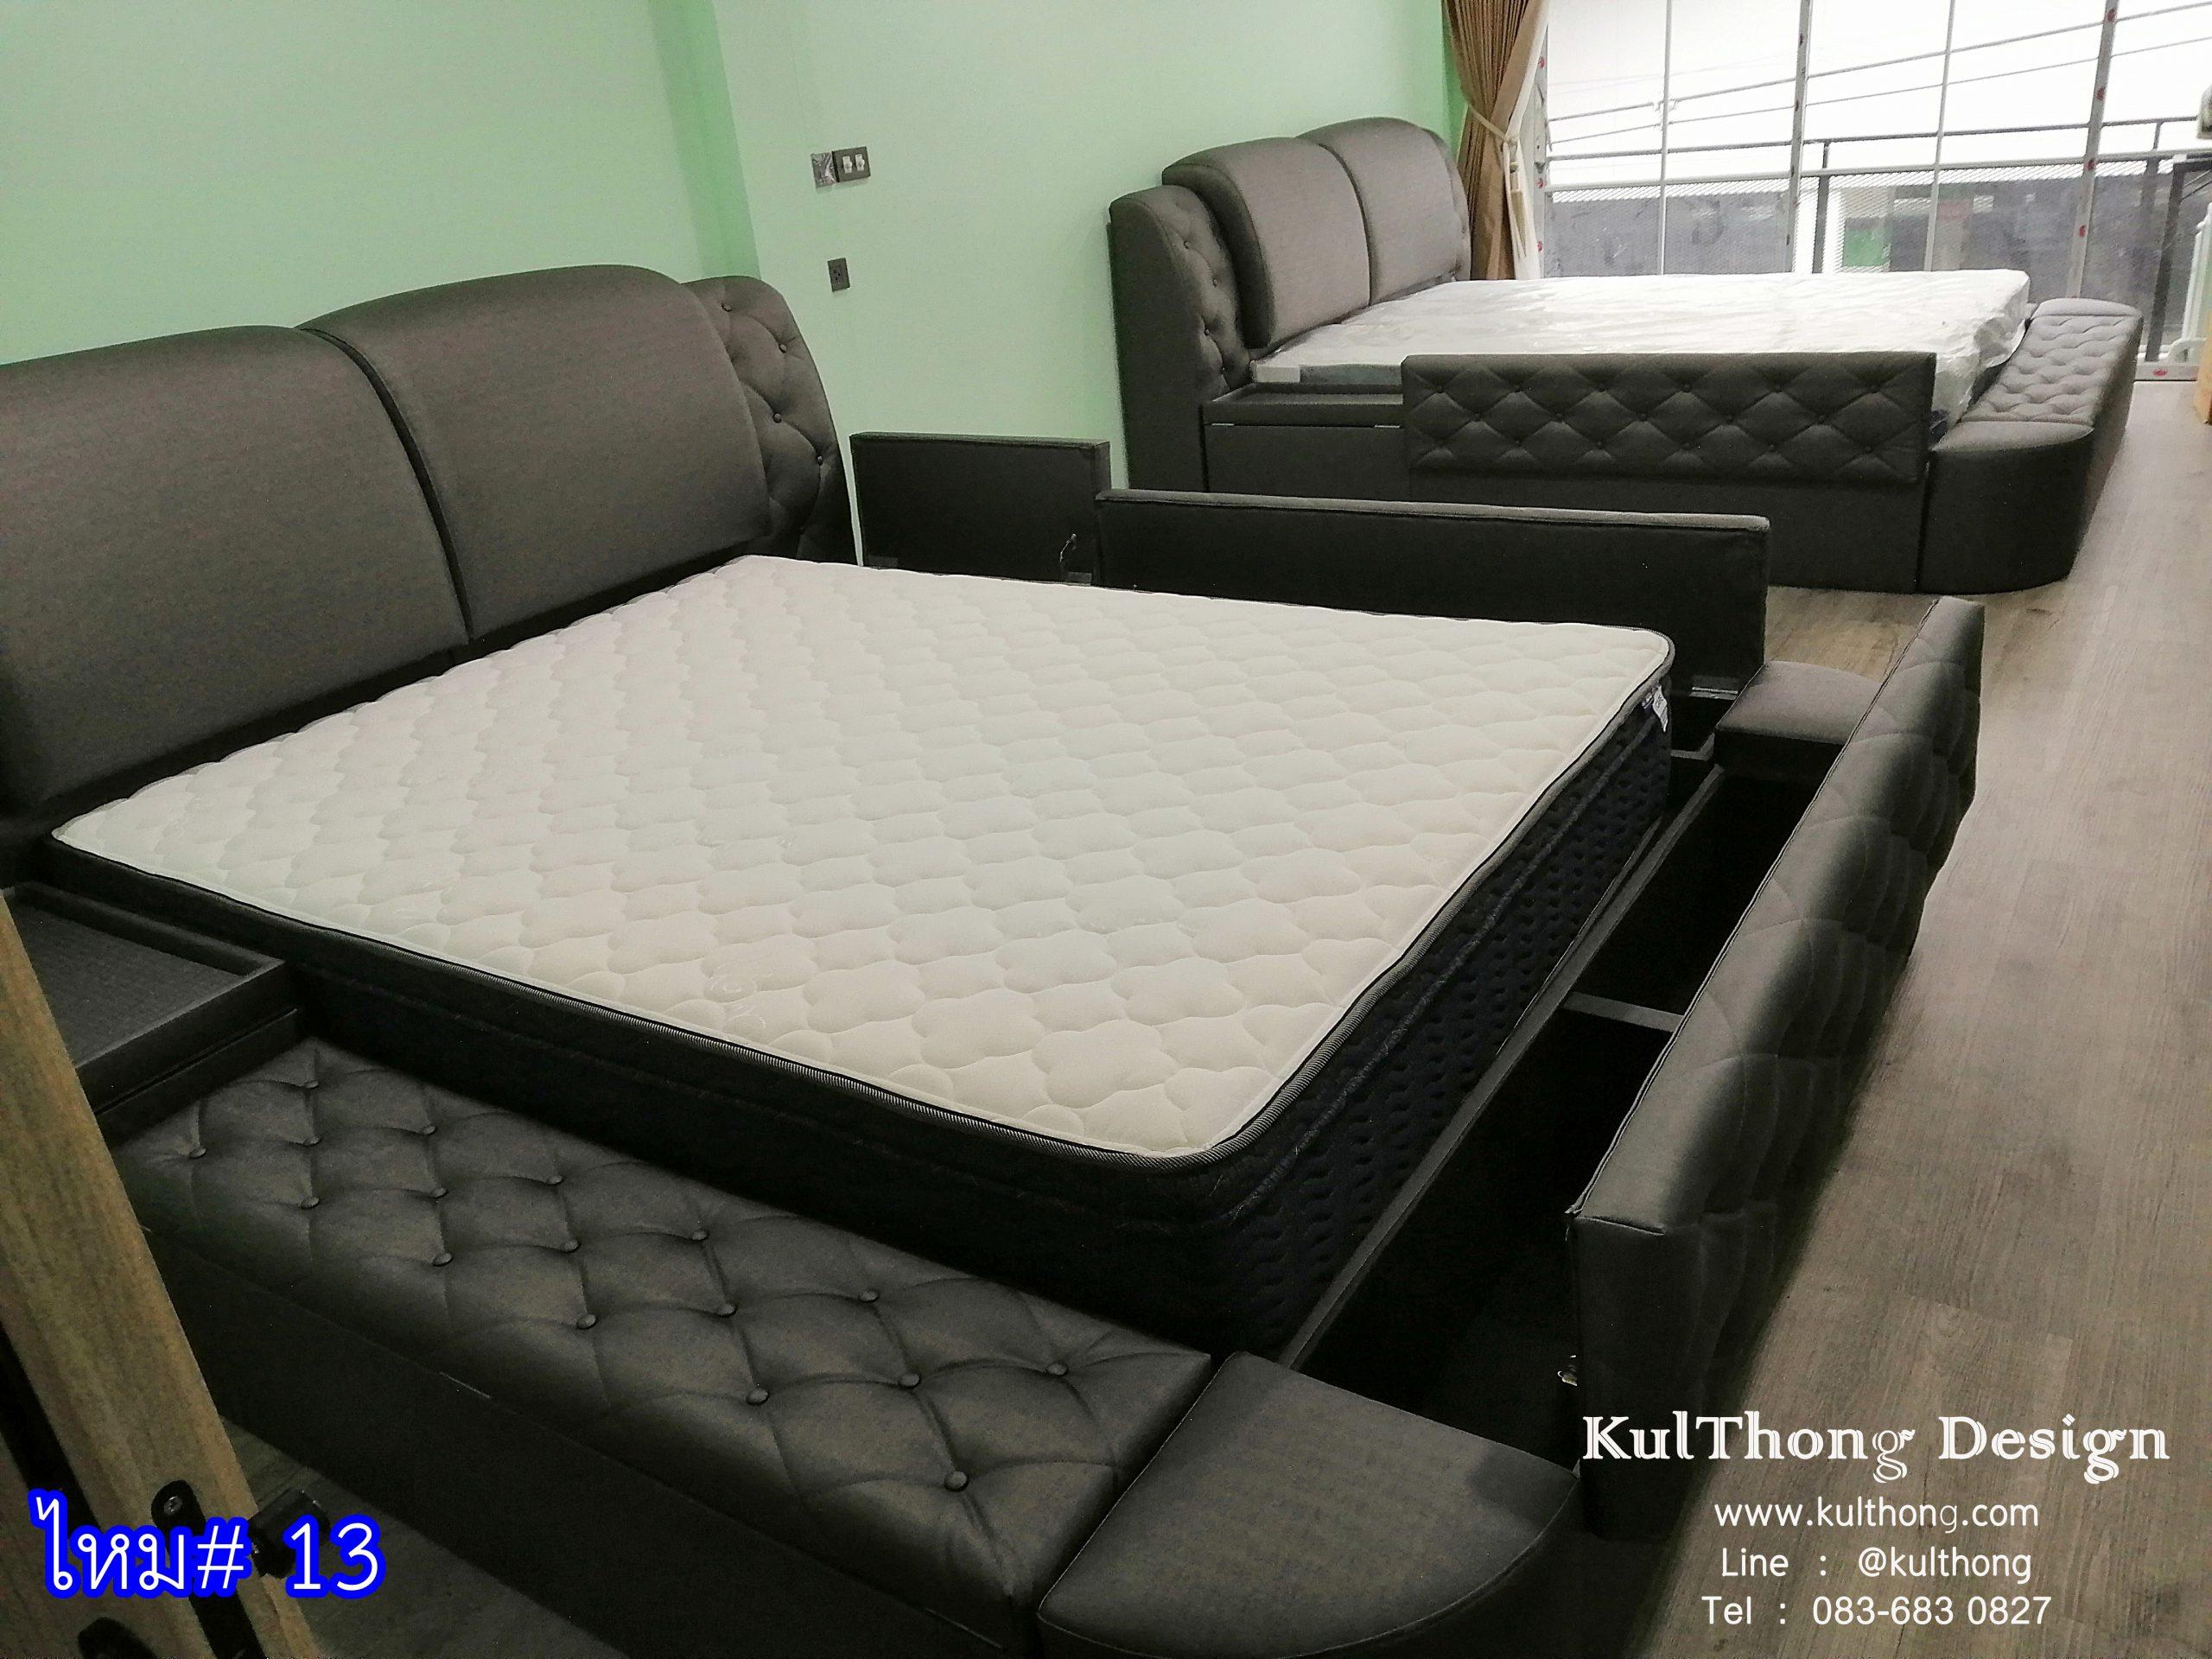 เตียงมีฝาเปิด เตียงกล่องดีไซน์ เตียงกล่องหุ้มหนัง